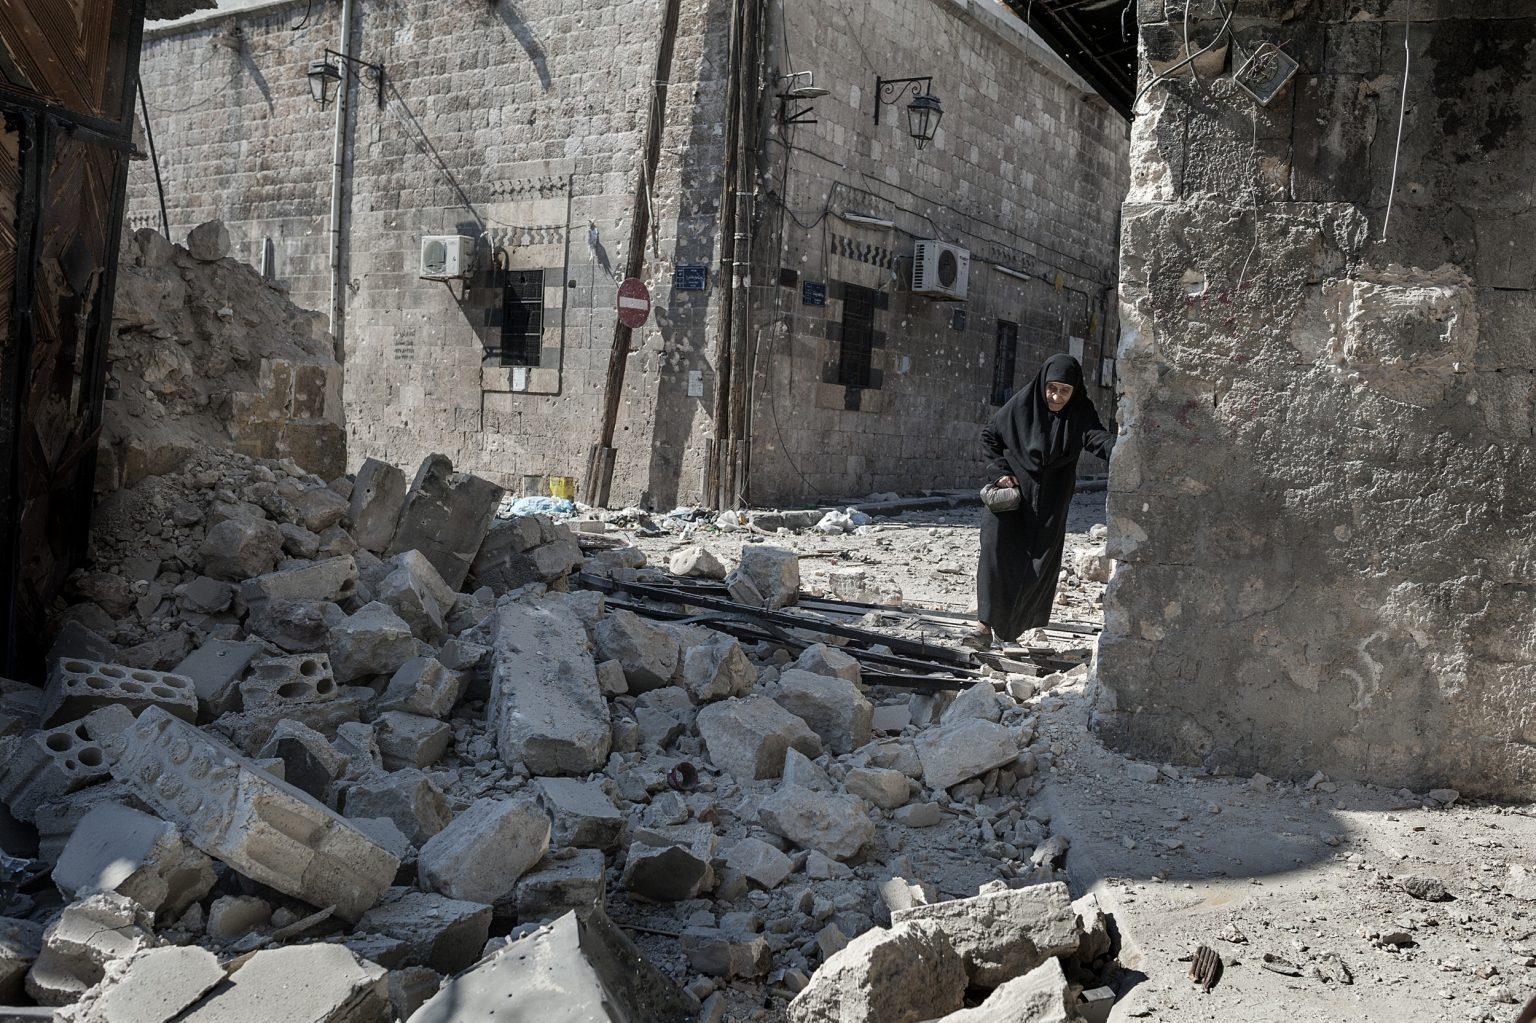 Aleppo, Syria September 24, 2012 - An elderly woman crosses a road destroyed by government bombings. --------------- Aleppo, Siria 24 settembre 2012 - Un'anziana donna attraversa una strada distrutta dai bombardamenti governativi.